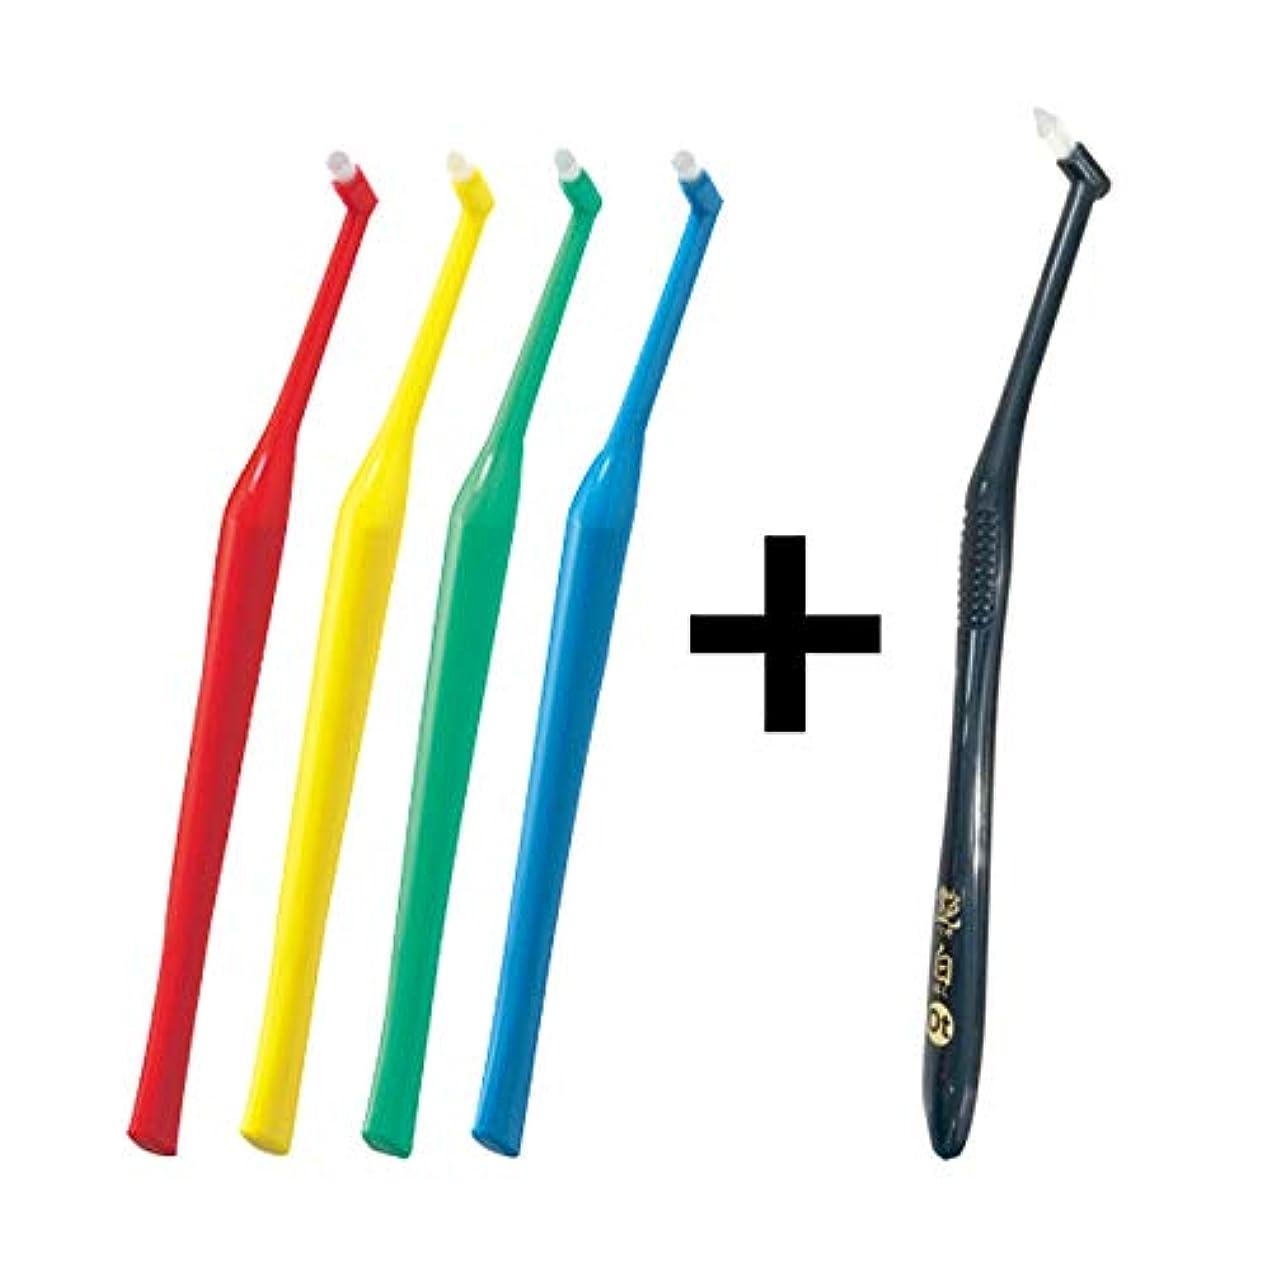 身元ルアー断線プラウト Plaut × 4本 アソート (S(ソフト))+艶白ワンタフト 歯ブラシ 1本 SS(とてもやわらかめ)